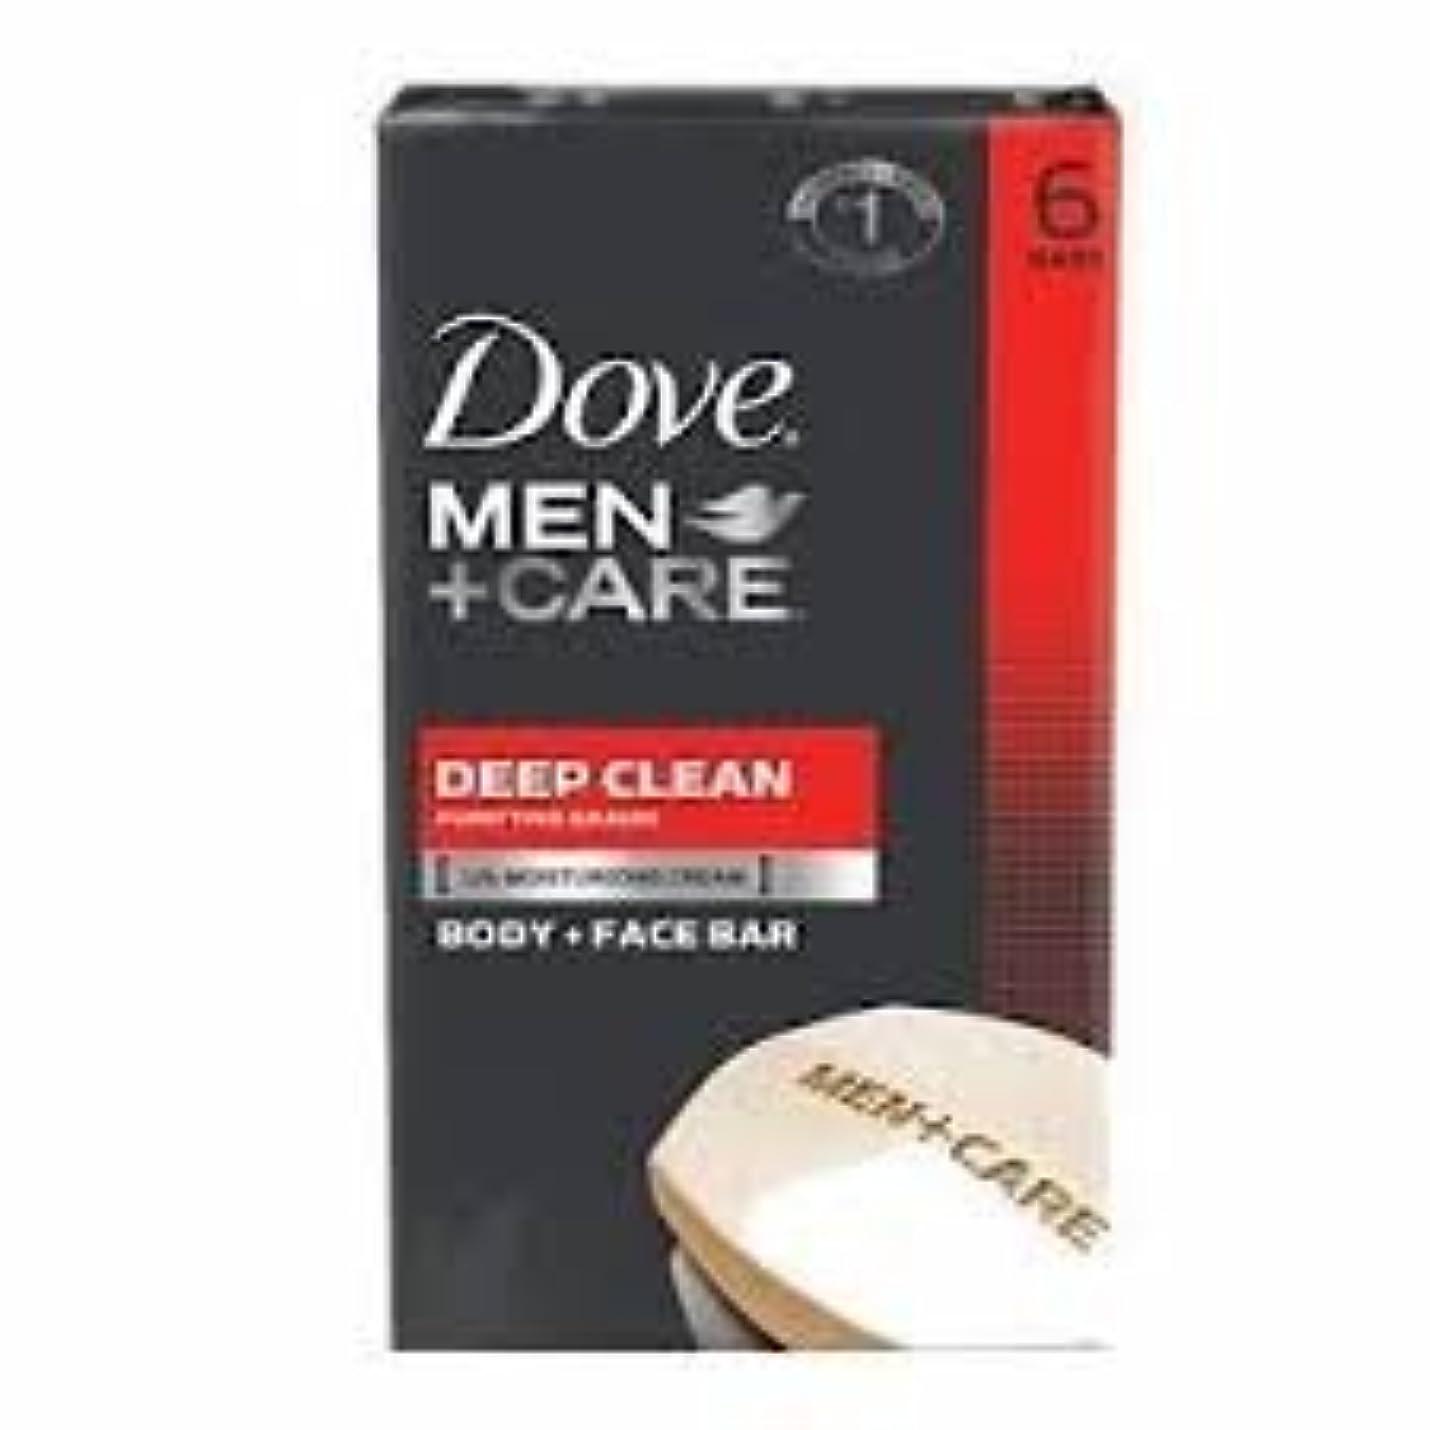 因子ドリル君主制Dove Men + Care Body and Face Bar, Deep Clean 4oz x 6Bars ダブ メン プラスケア ディープ クリーン ソープ 4oz x 6個